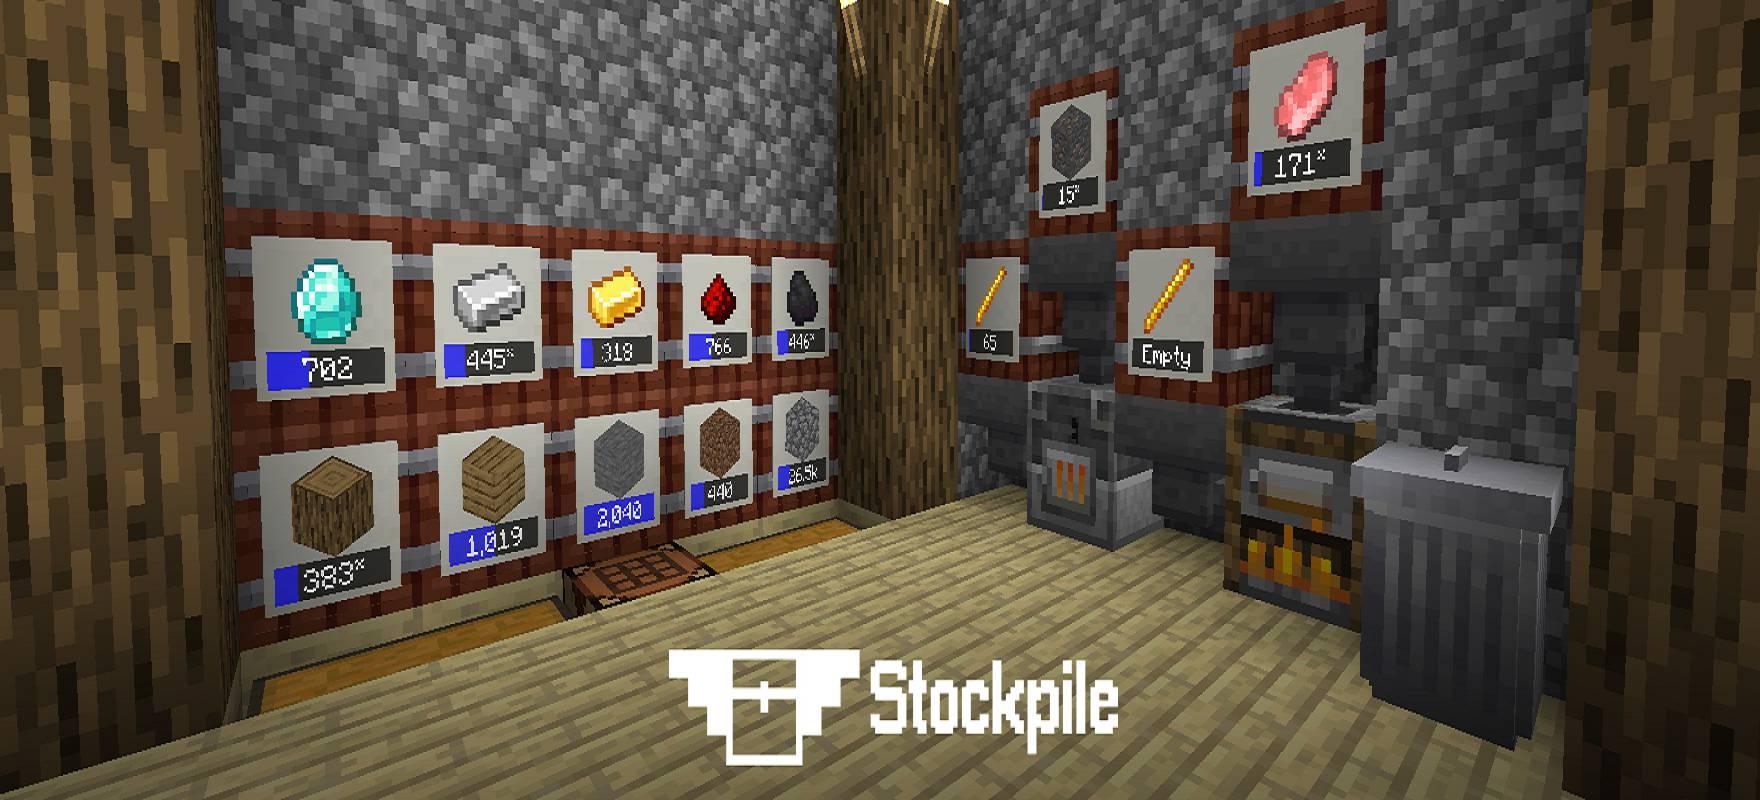 Stockpile mod for minecraft logo 01